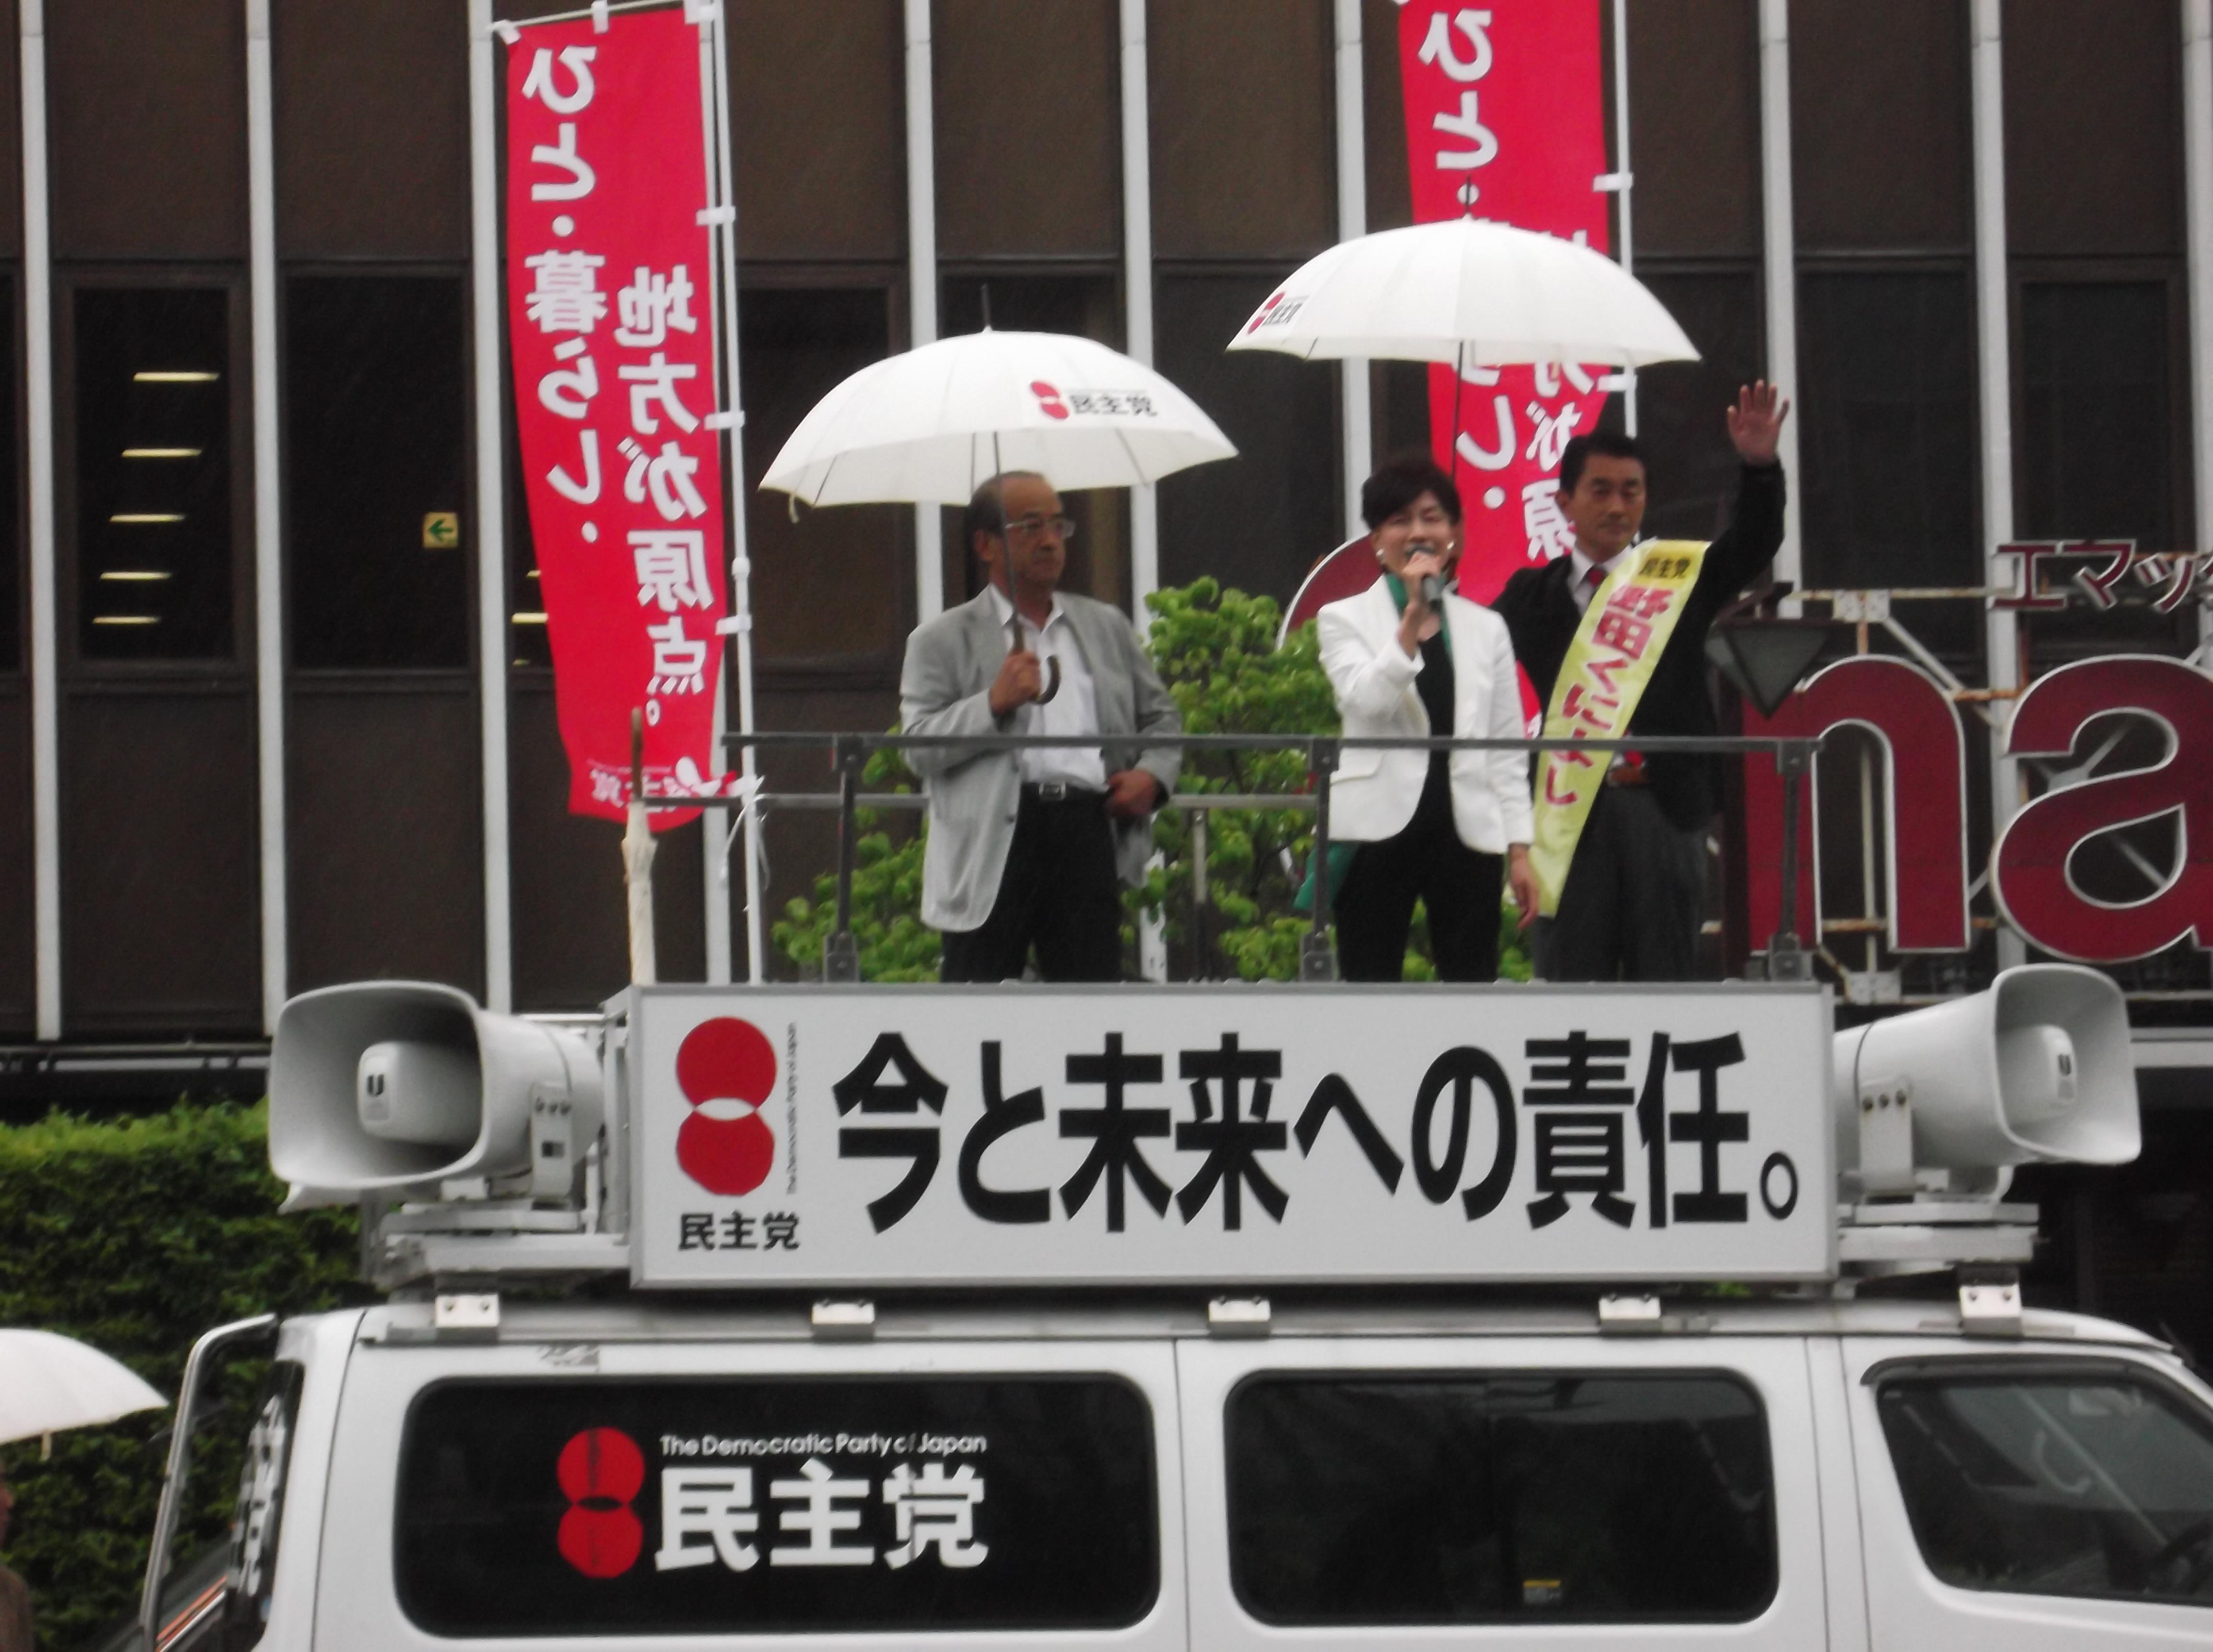 円より子(まどかよりこ) 公式サイト5/19(日)福岡の久留米で街宣